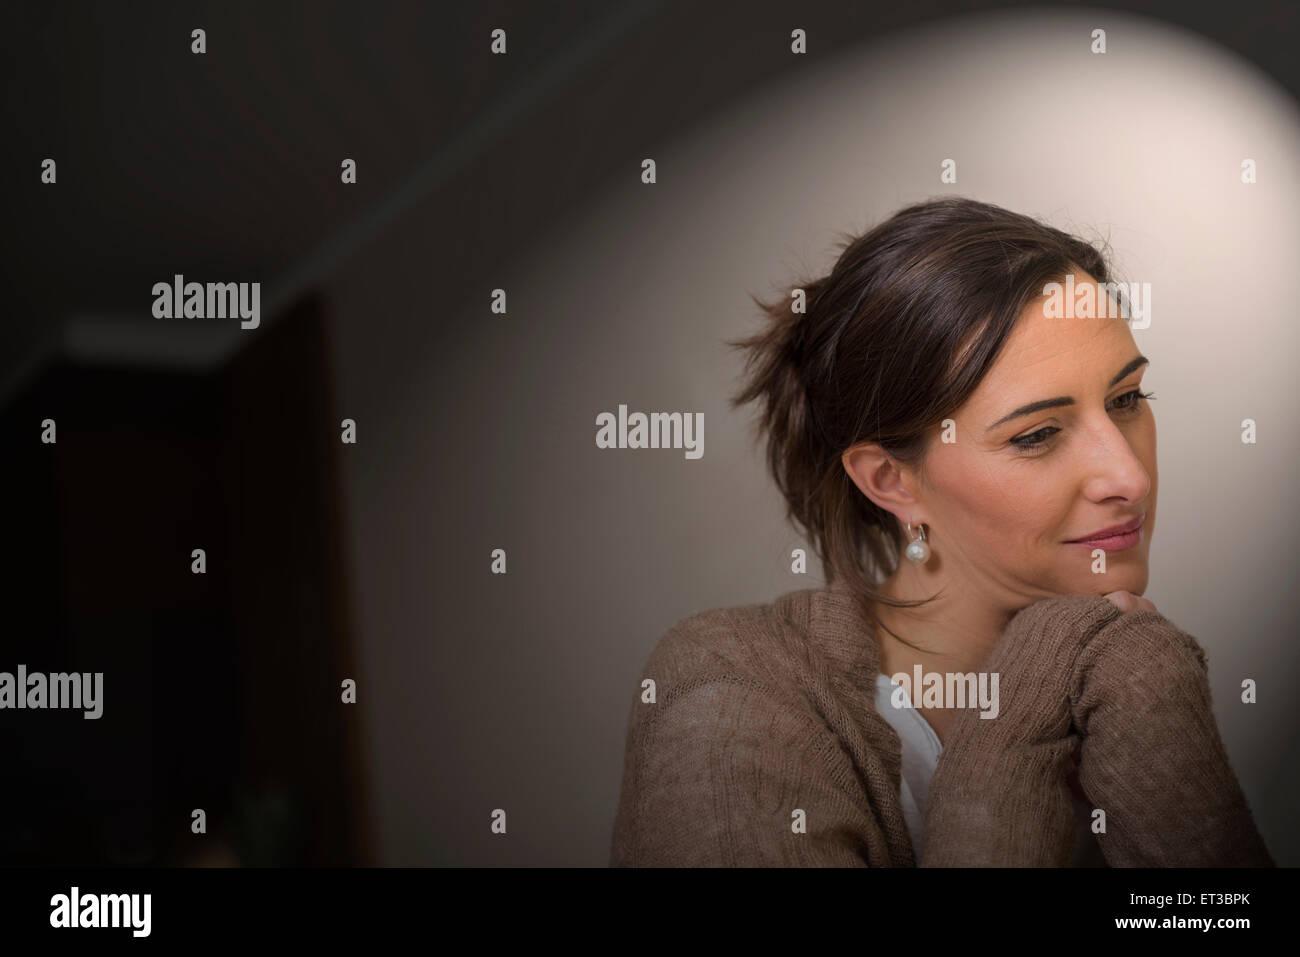 Close-up of a Mid adult woman thinking with appuyée sur les coudes, Munich, Bavière, Allemagne Photo Stock